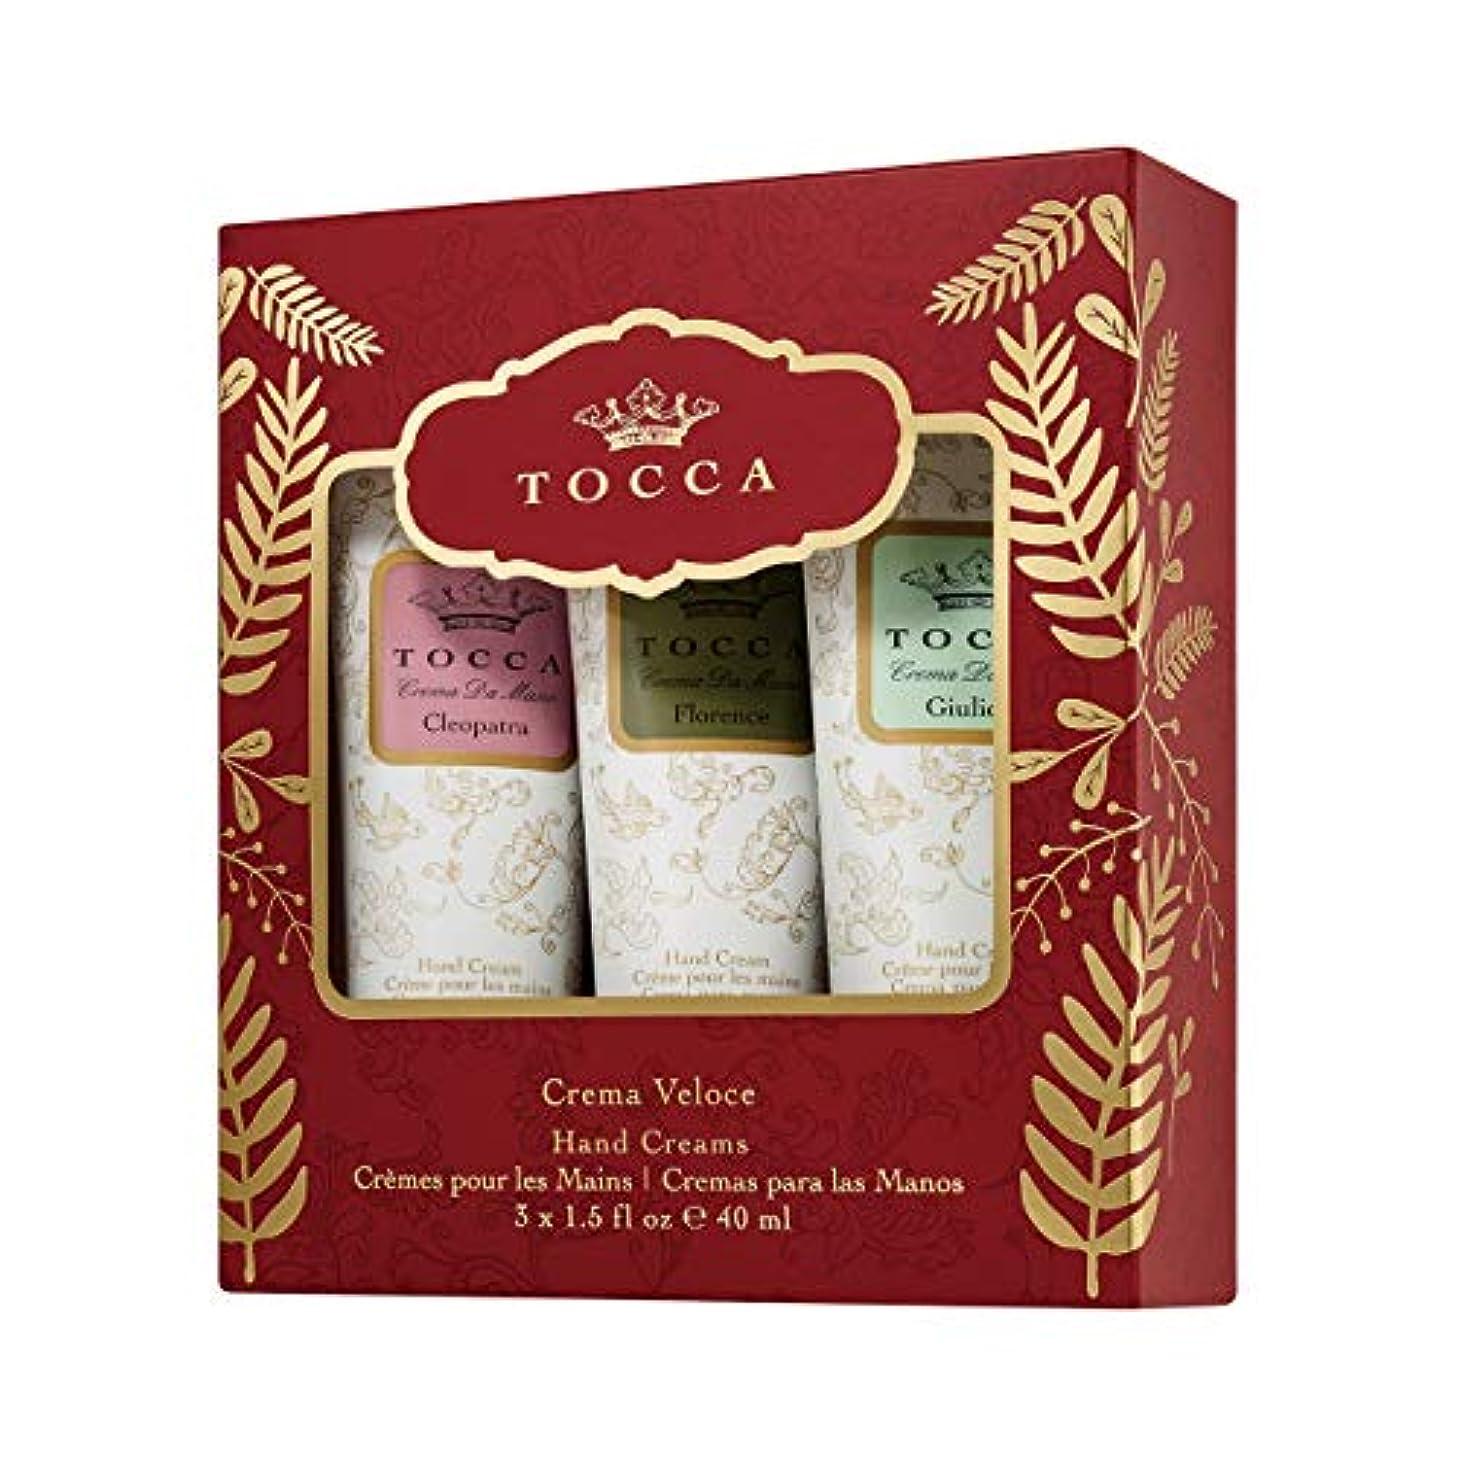 ベッドを作る未払い父方のTOCCA クレマヴェローチェパルマ ハンドクリーム3本入った贅沢な贈り物(手指保湿?小分けギフト)